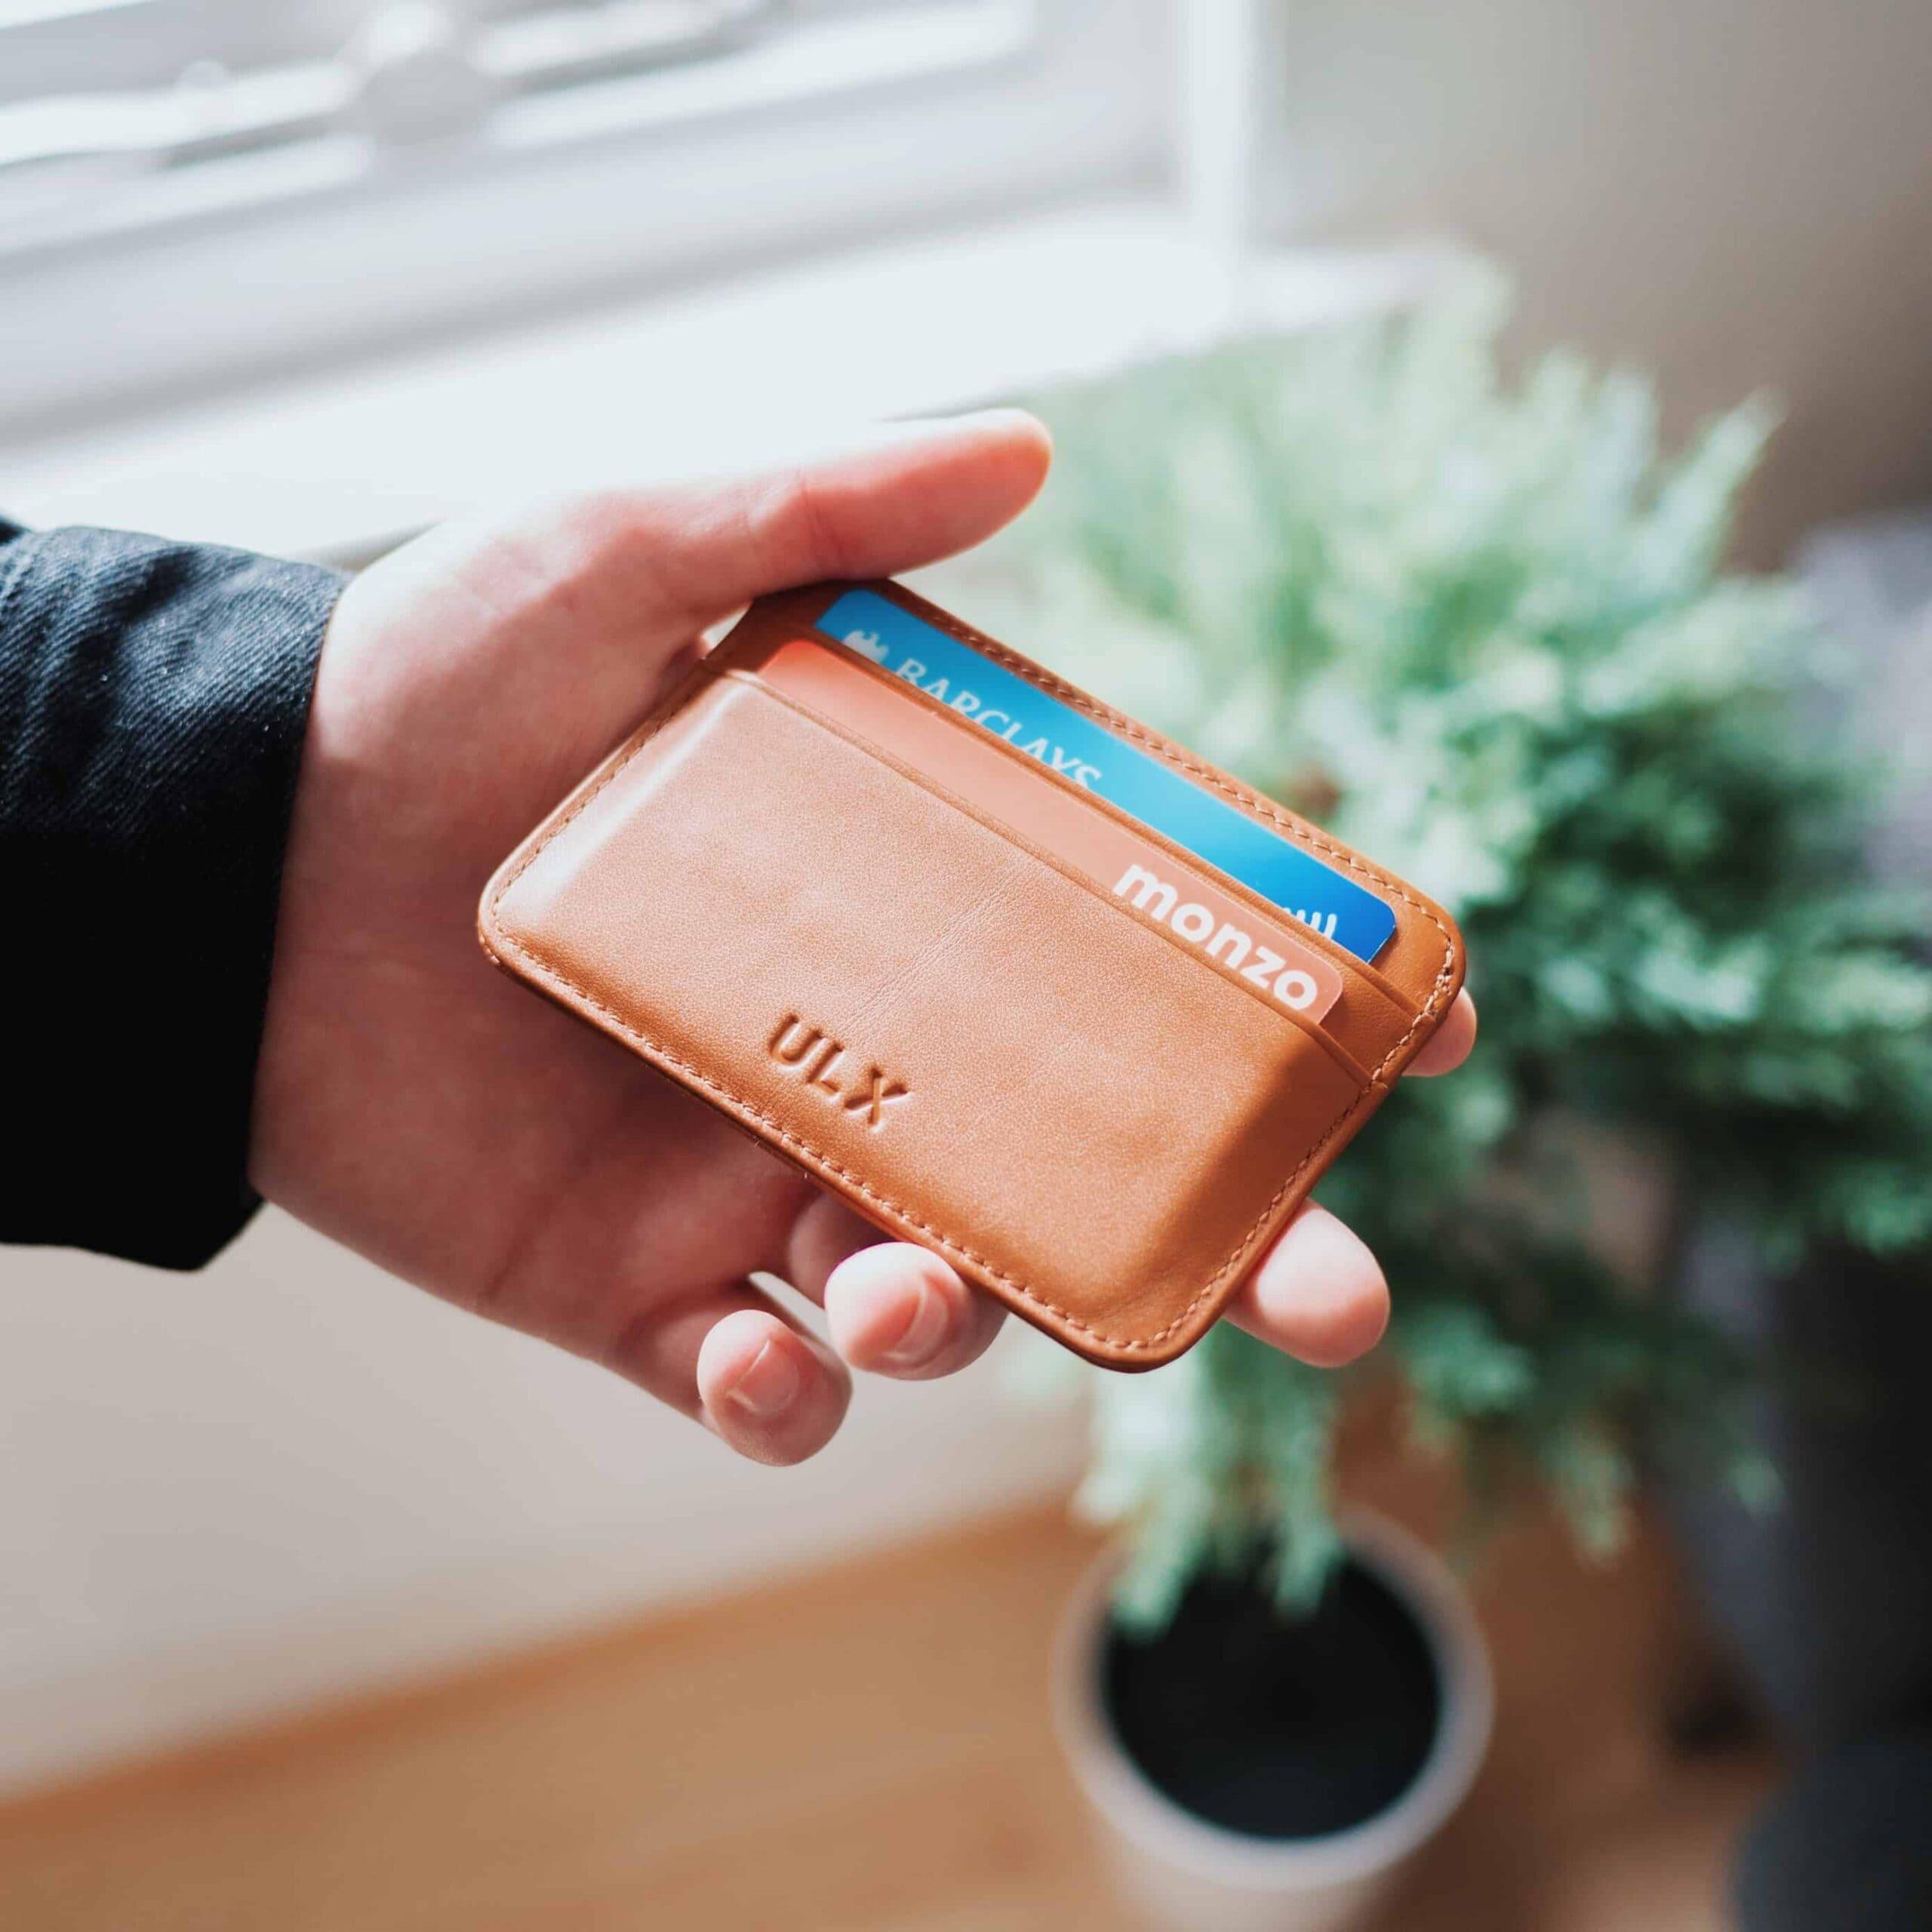 Pakai Kartu Kredit yang Tepat Saat Liburan, Anda Bisa Hemat 51 persen untuk Tiket Pesawat